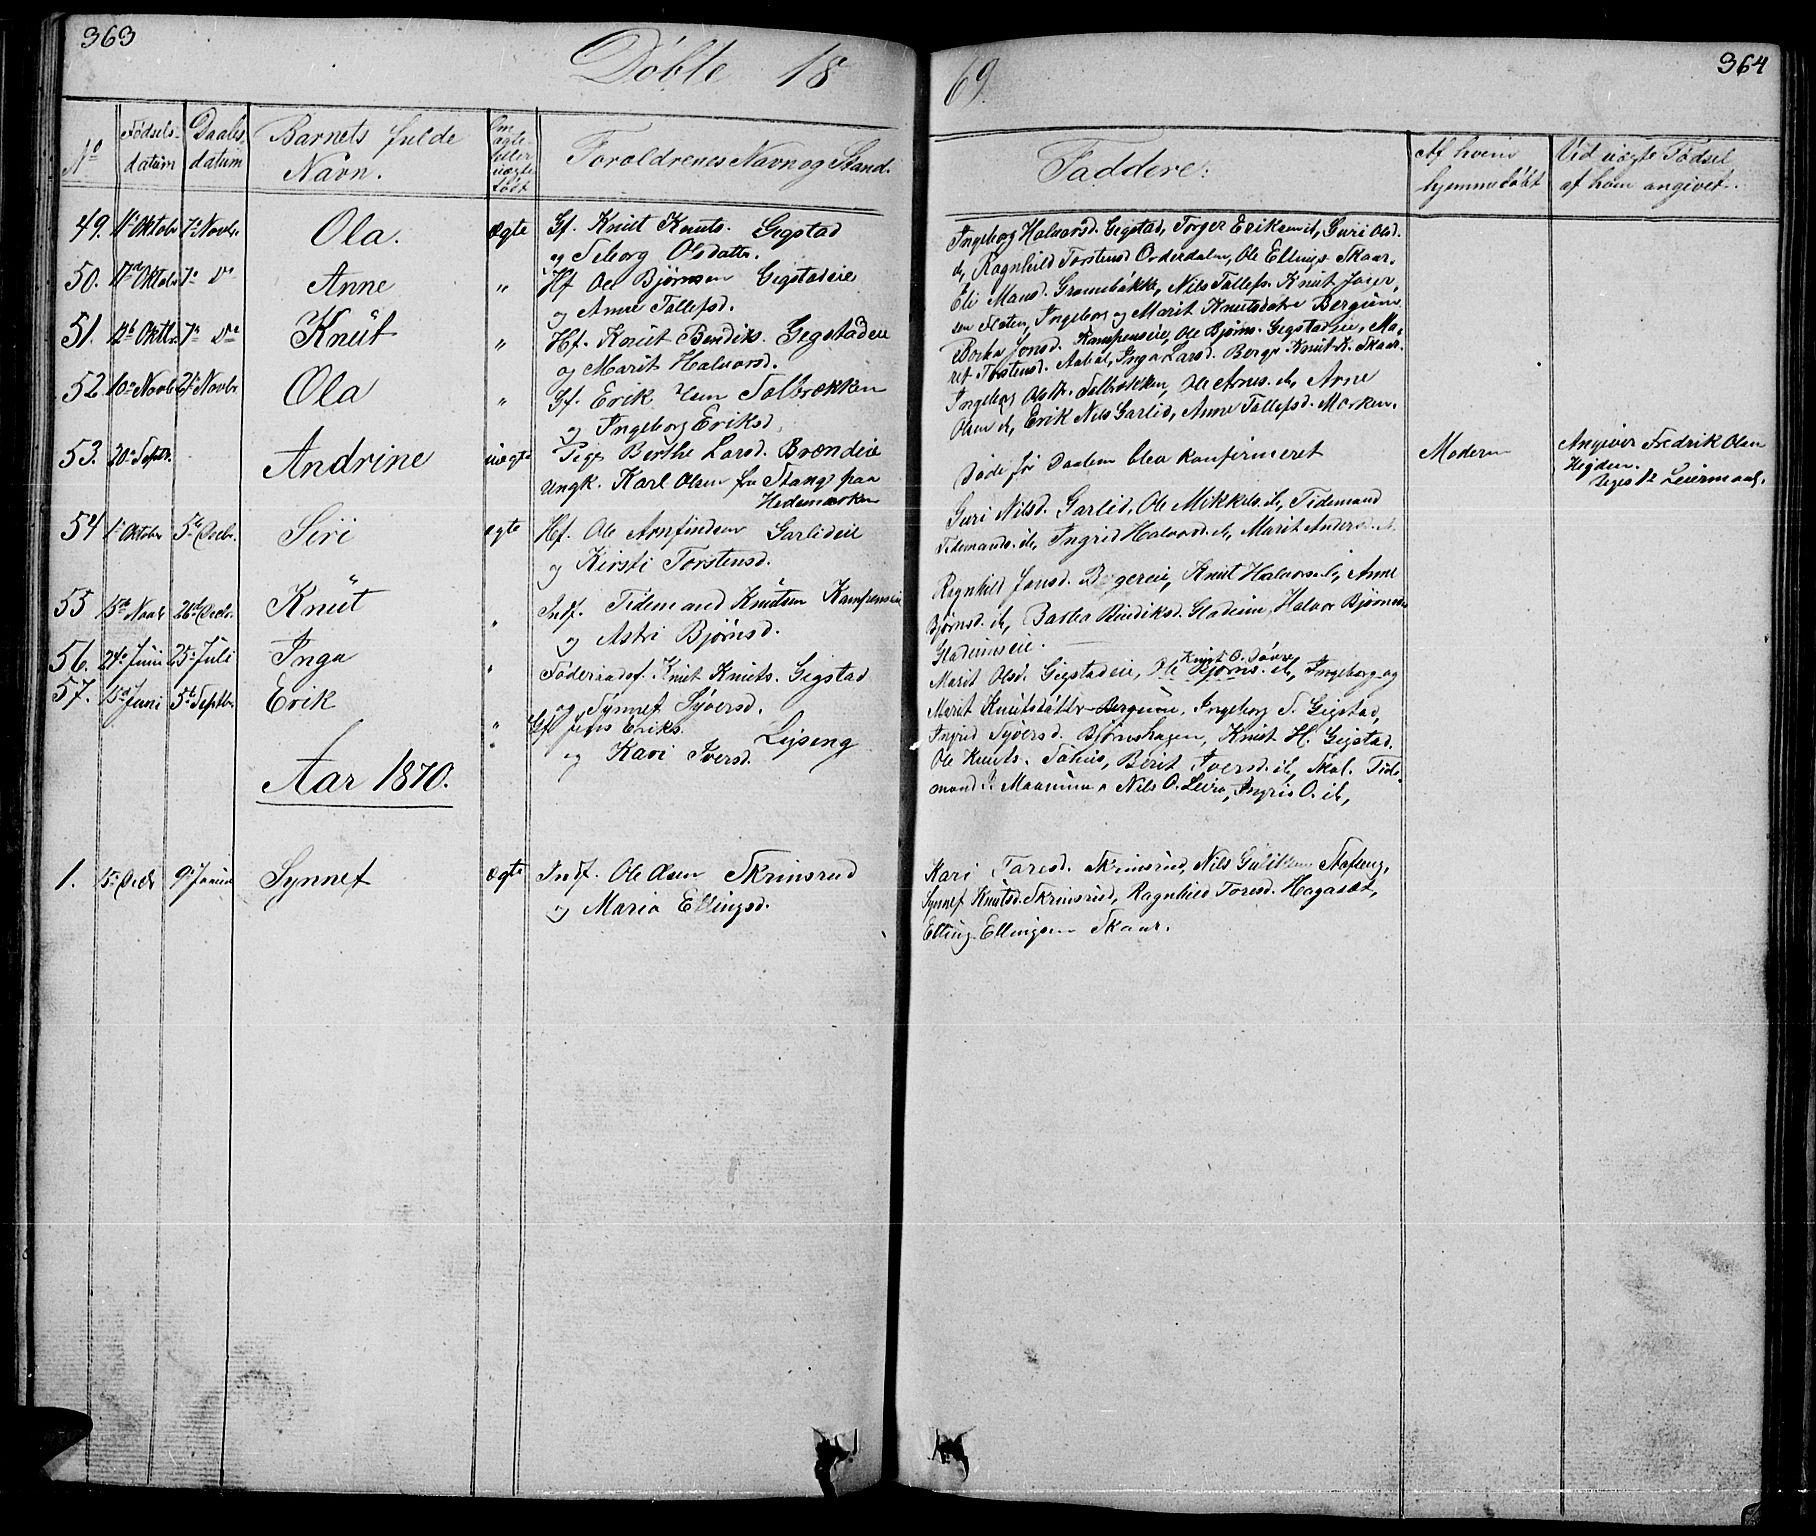 SAH, Nord-Aurdal prestekontor, Klokkerbok nr. 1, 1834-1887, s. 363-364